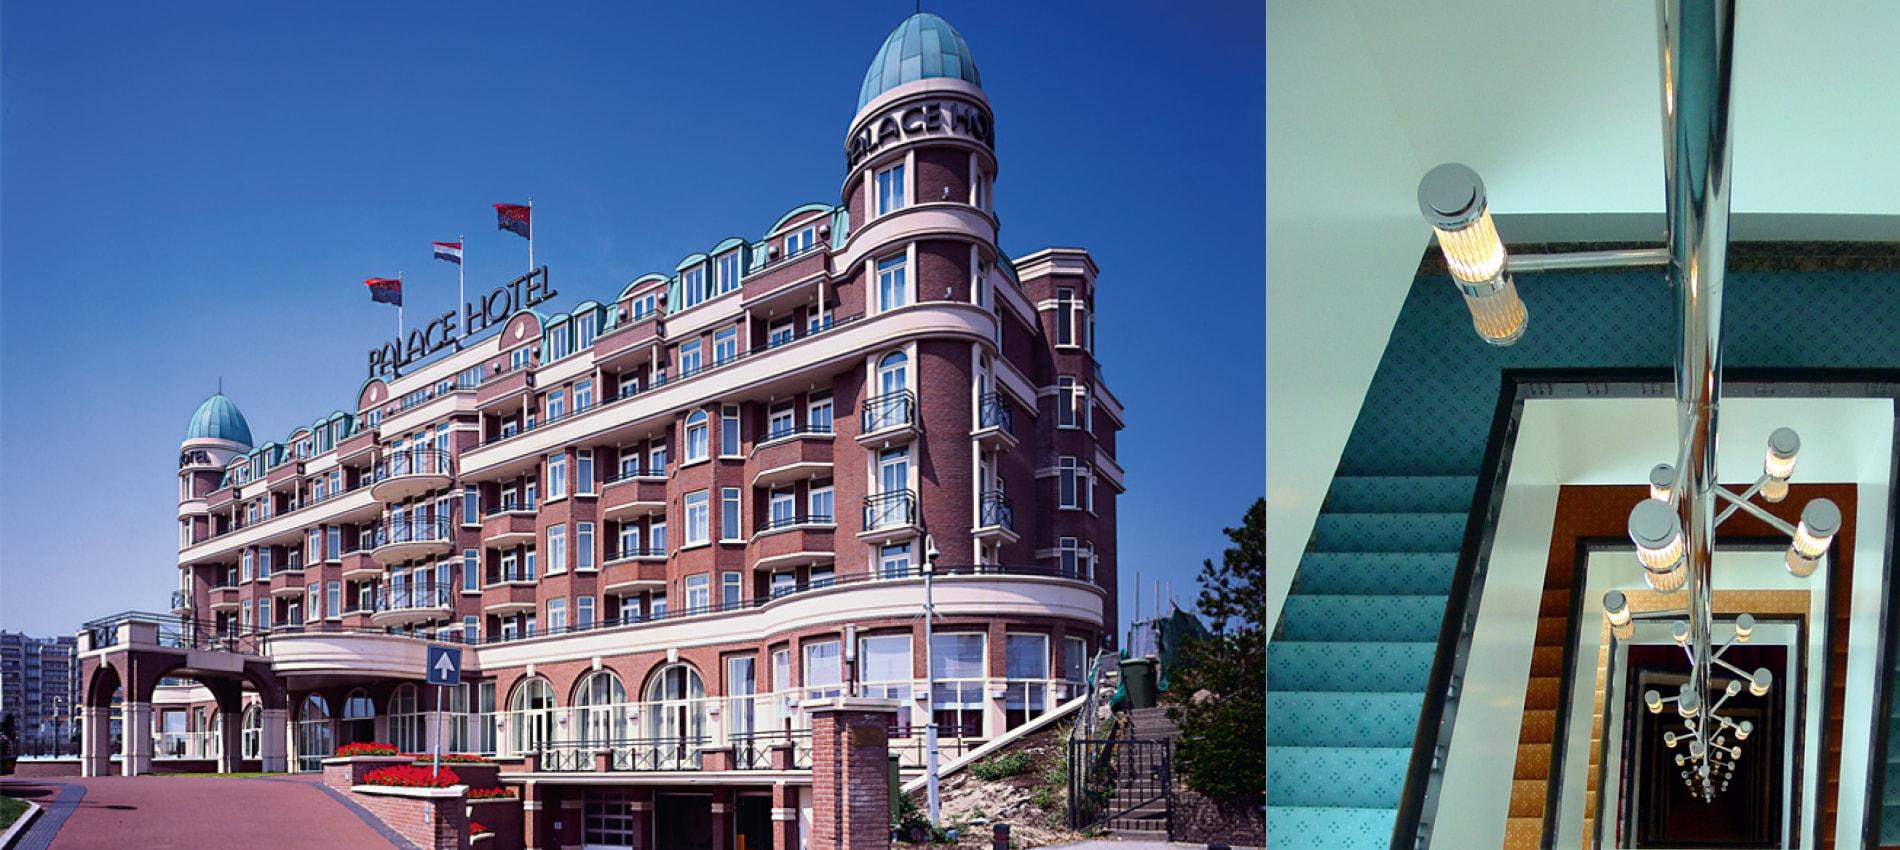 Noordwijk Palace Hotel Van Egmond, Architecten